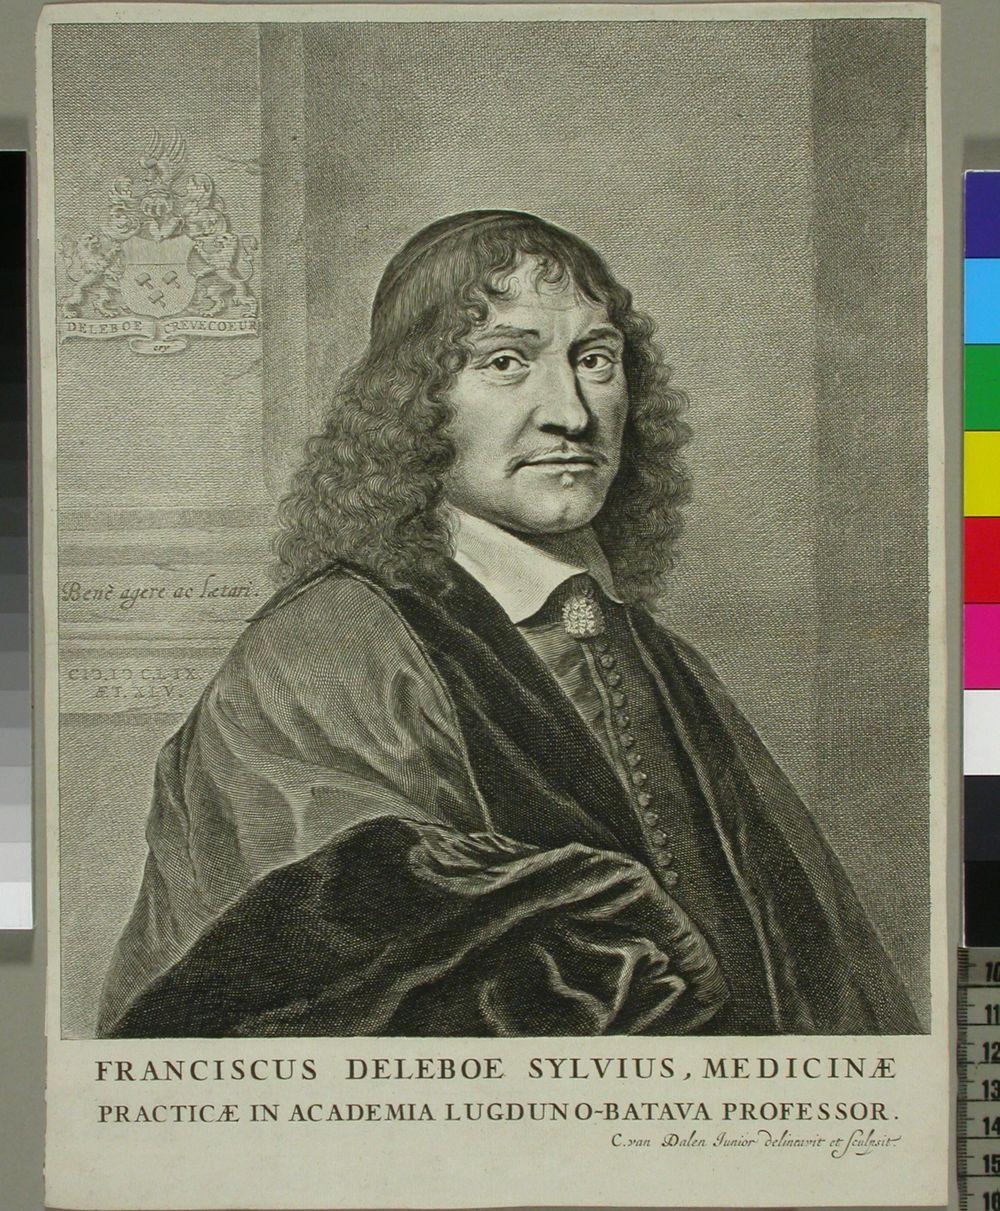 François de le Boe Sylvius